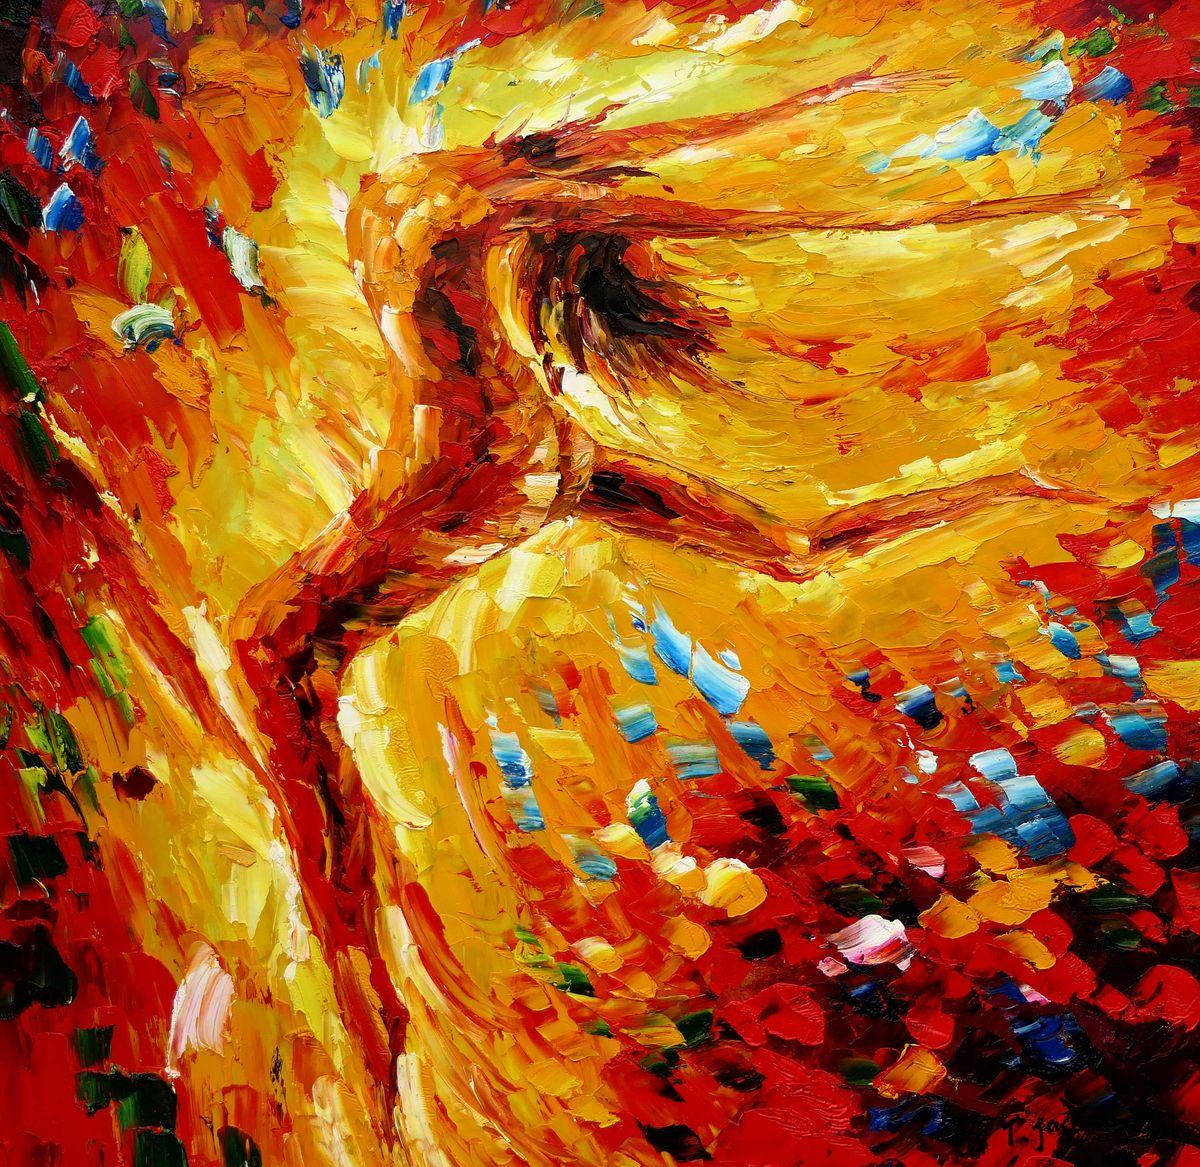 Modern Art - Passion der Tänzerin g97431 80x80cm abstraktes Ölbild